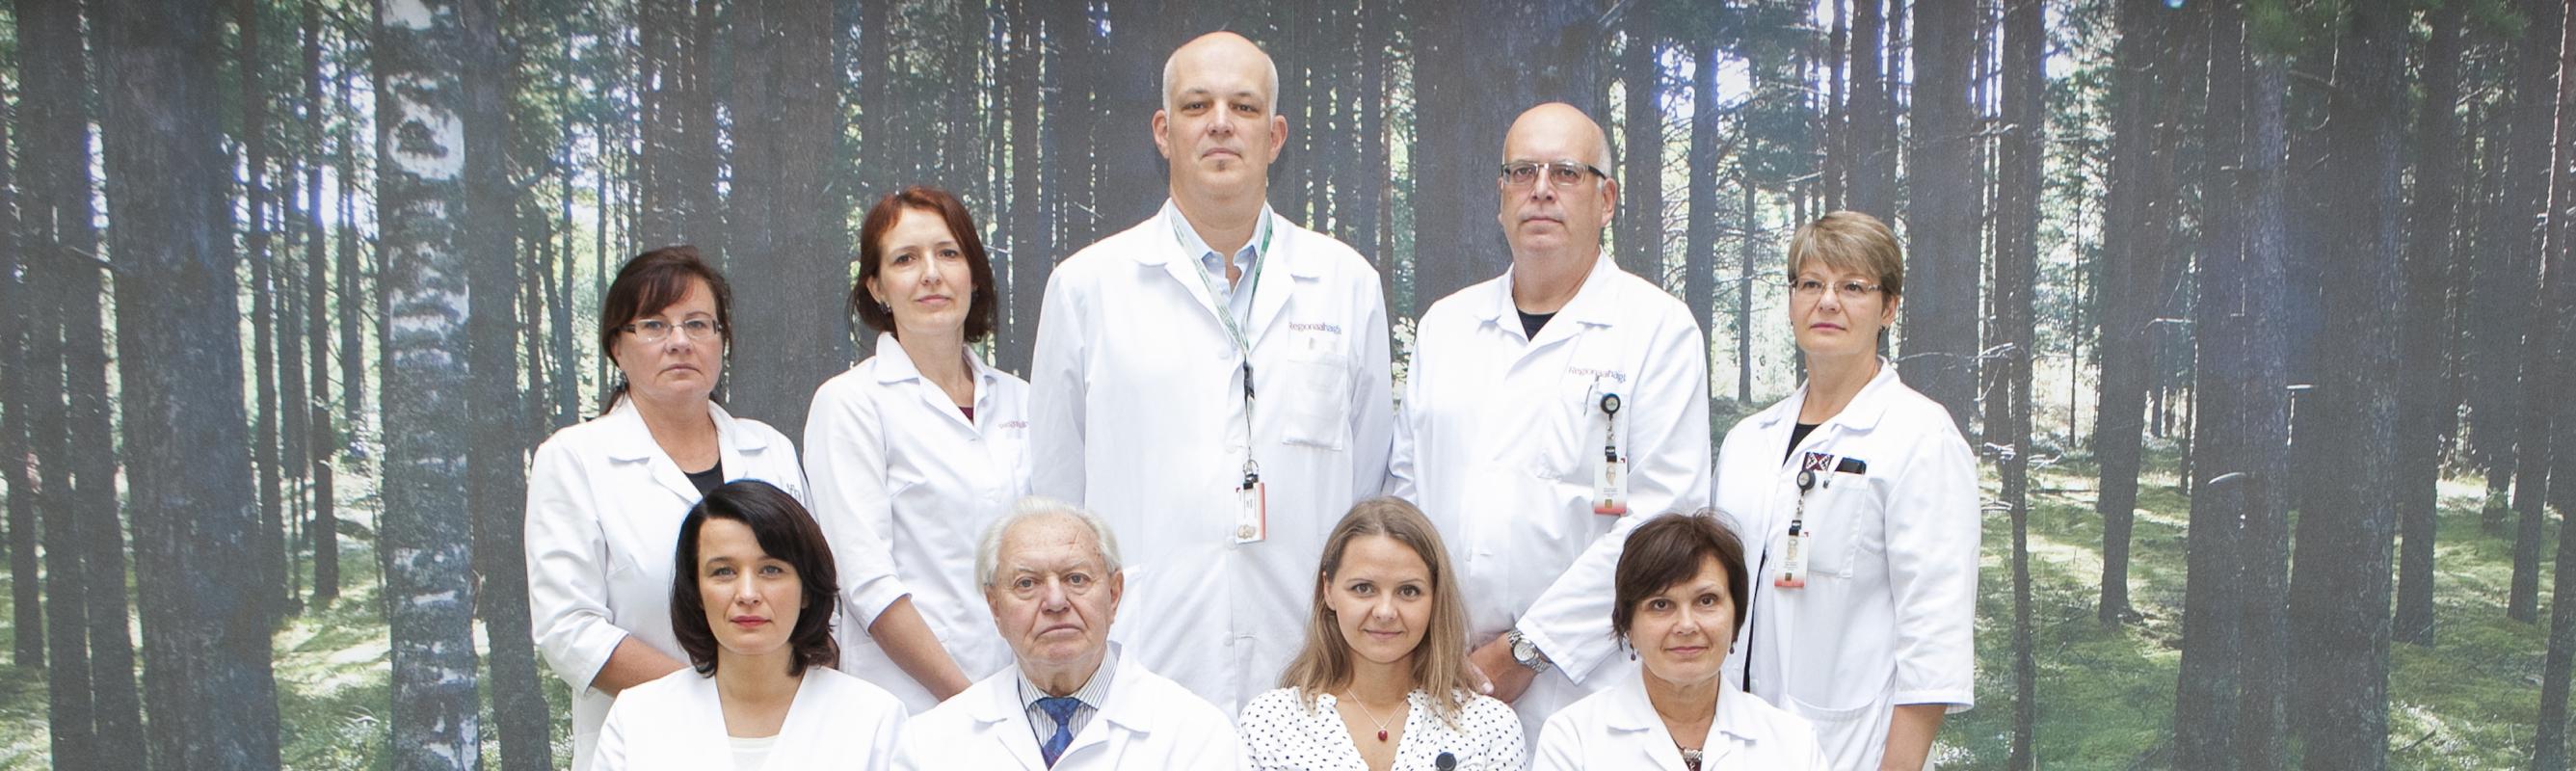 Naha-, luude- ja pehmete kudede kasvajate töörühm